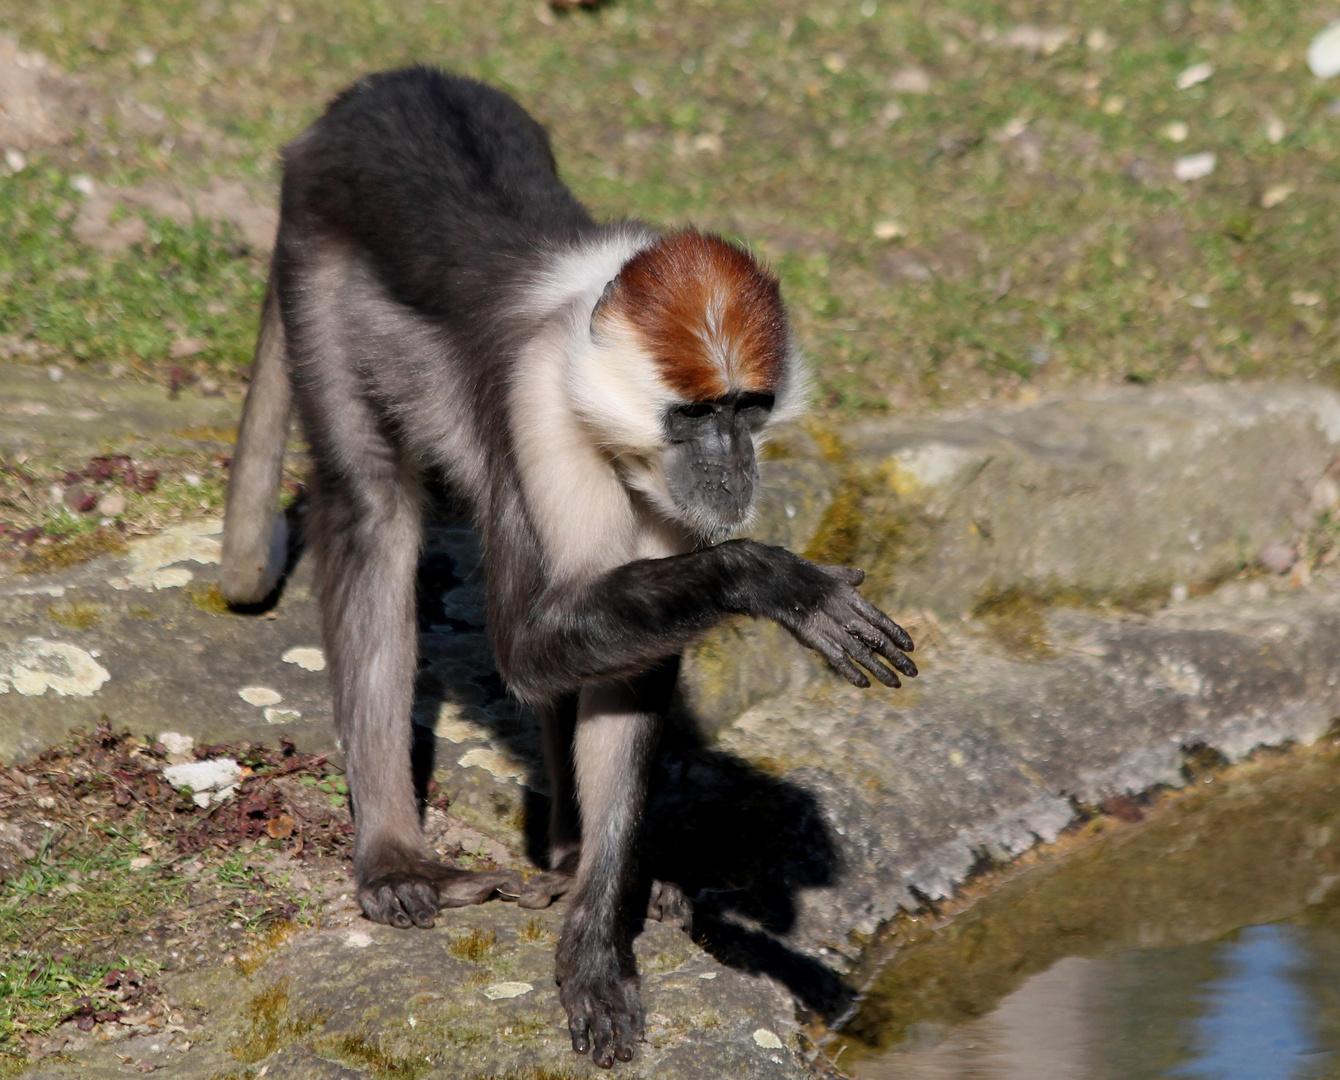 Diese Affenart lebt bei den Gorillas im Gehege